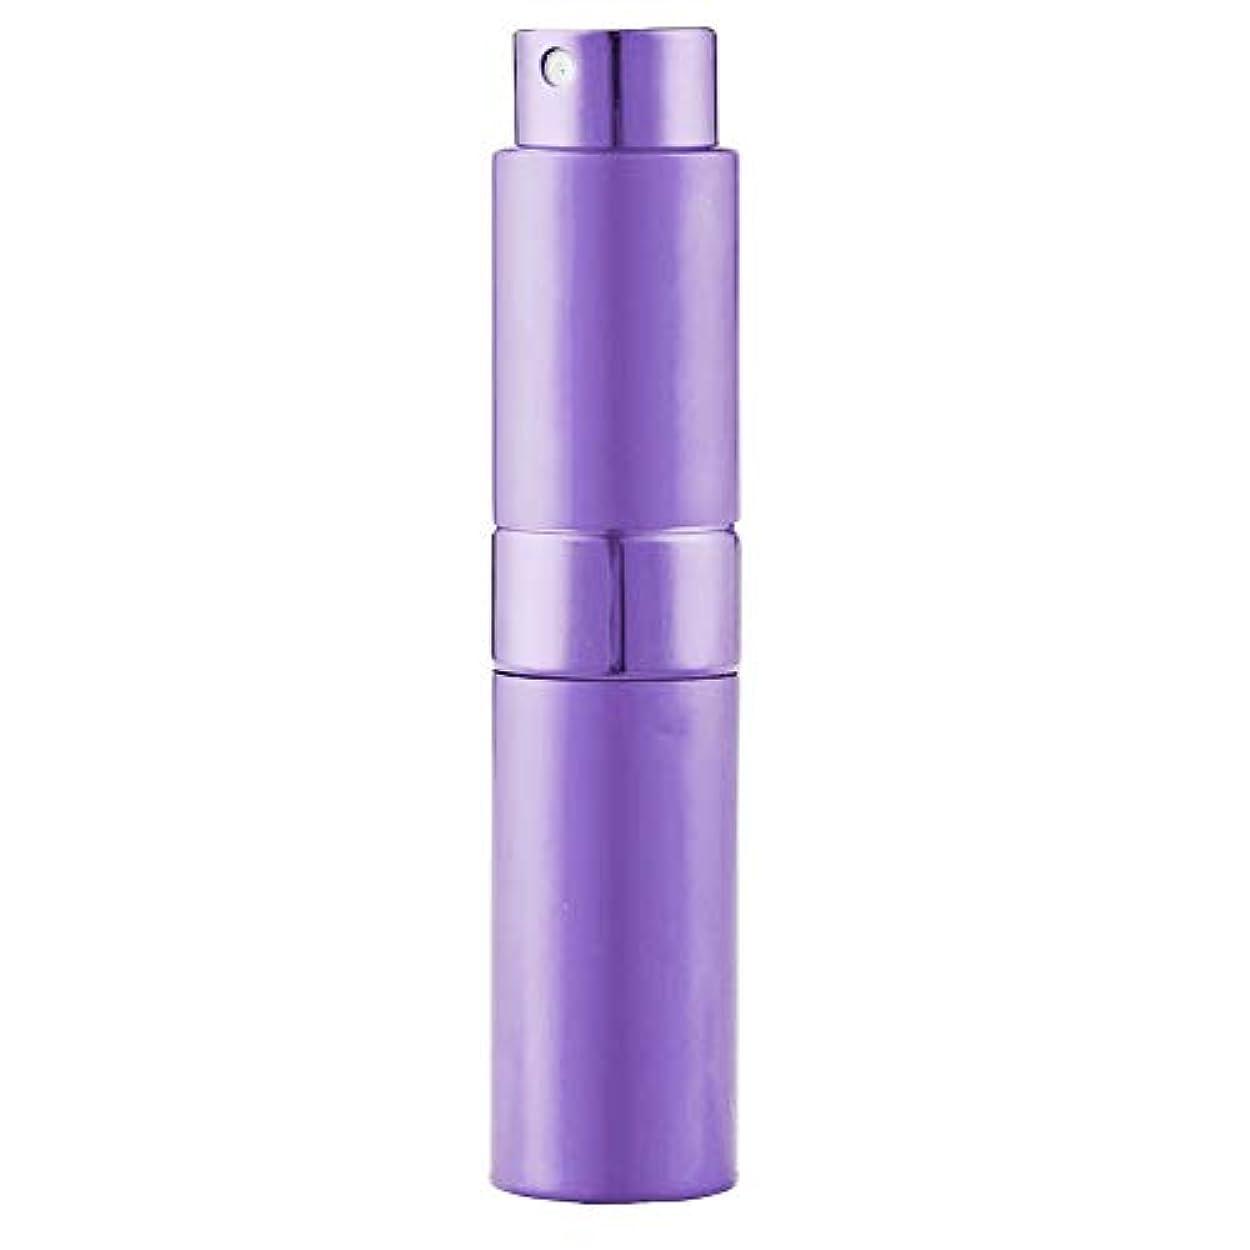 普通に見る人音楽Ladygogo 香水アトマイザーセット 回転プッシュ式 スプレー ボトル 香水スプレー 詰め替え 持ち運び 身だしなみ 携帯用 男女兼用 (紫)